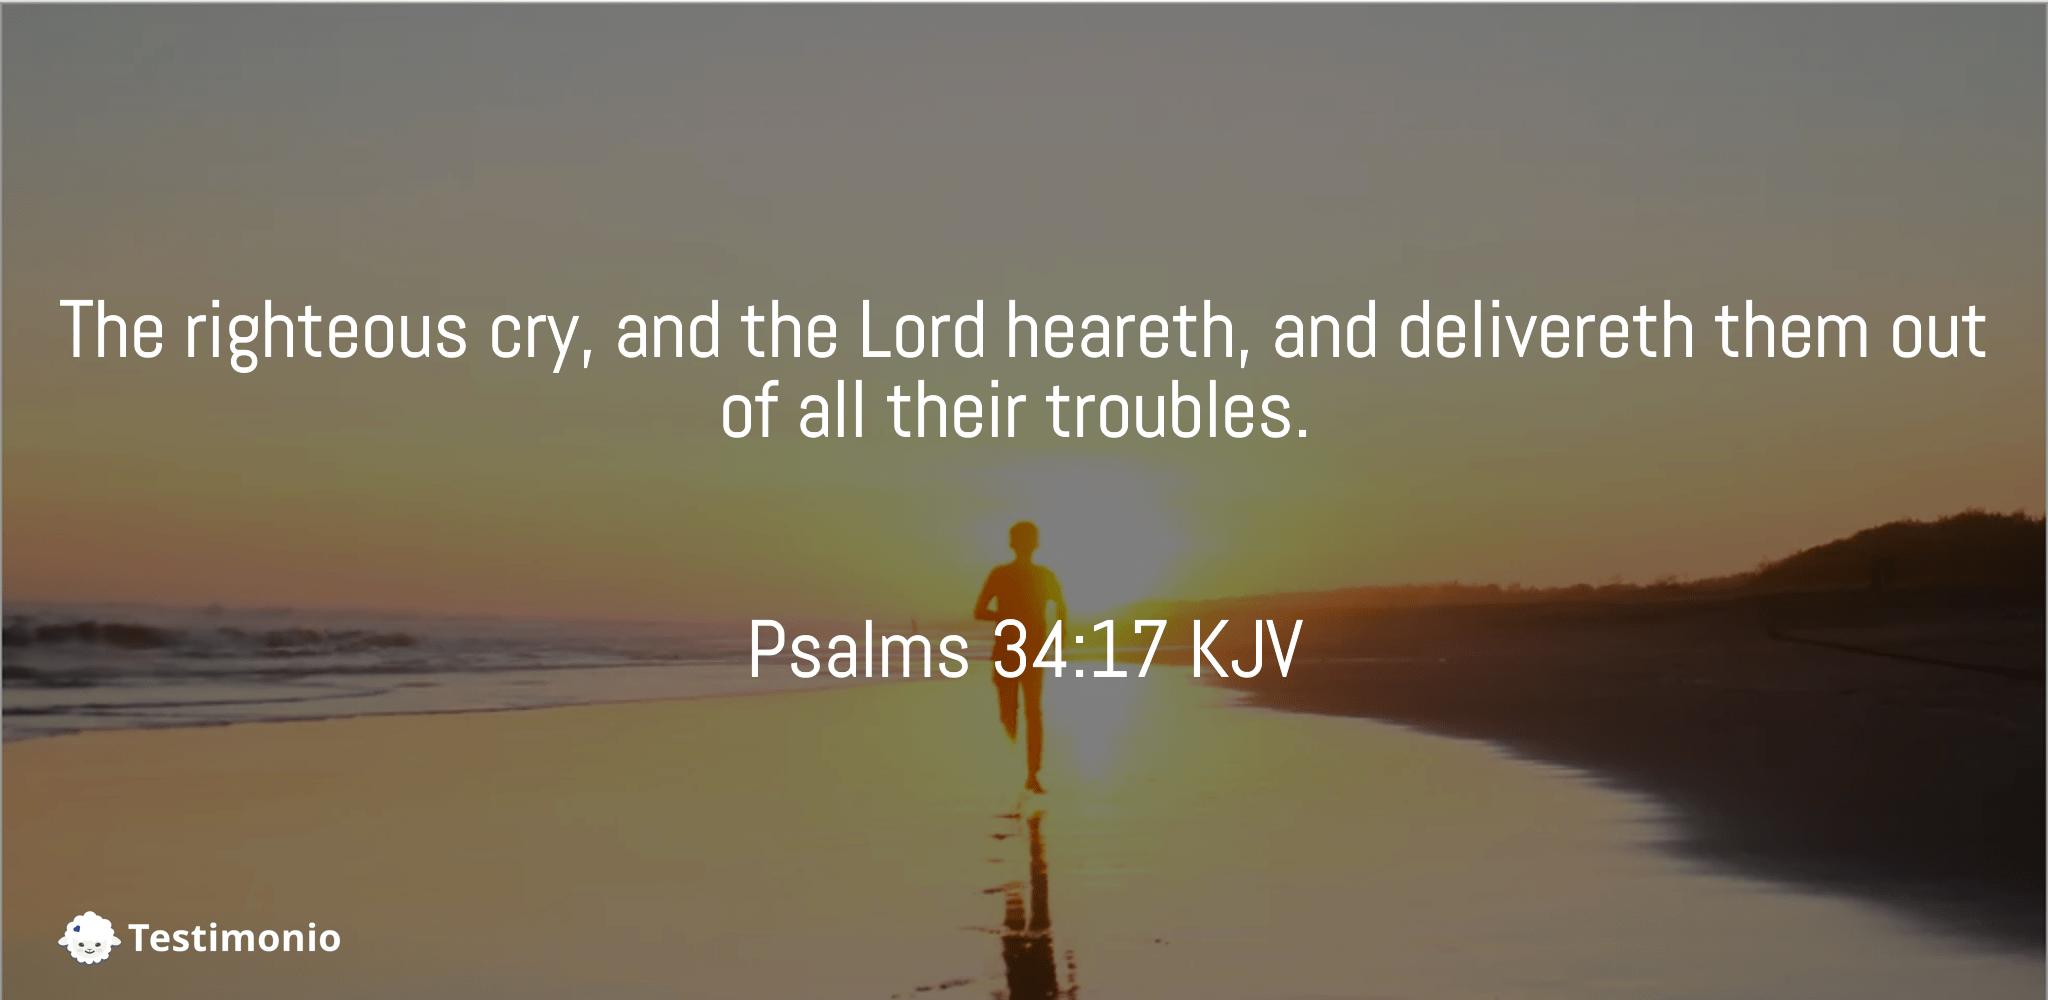 Psalms 34:17